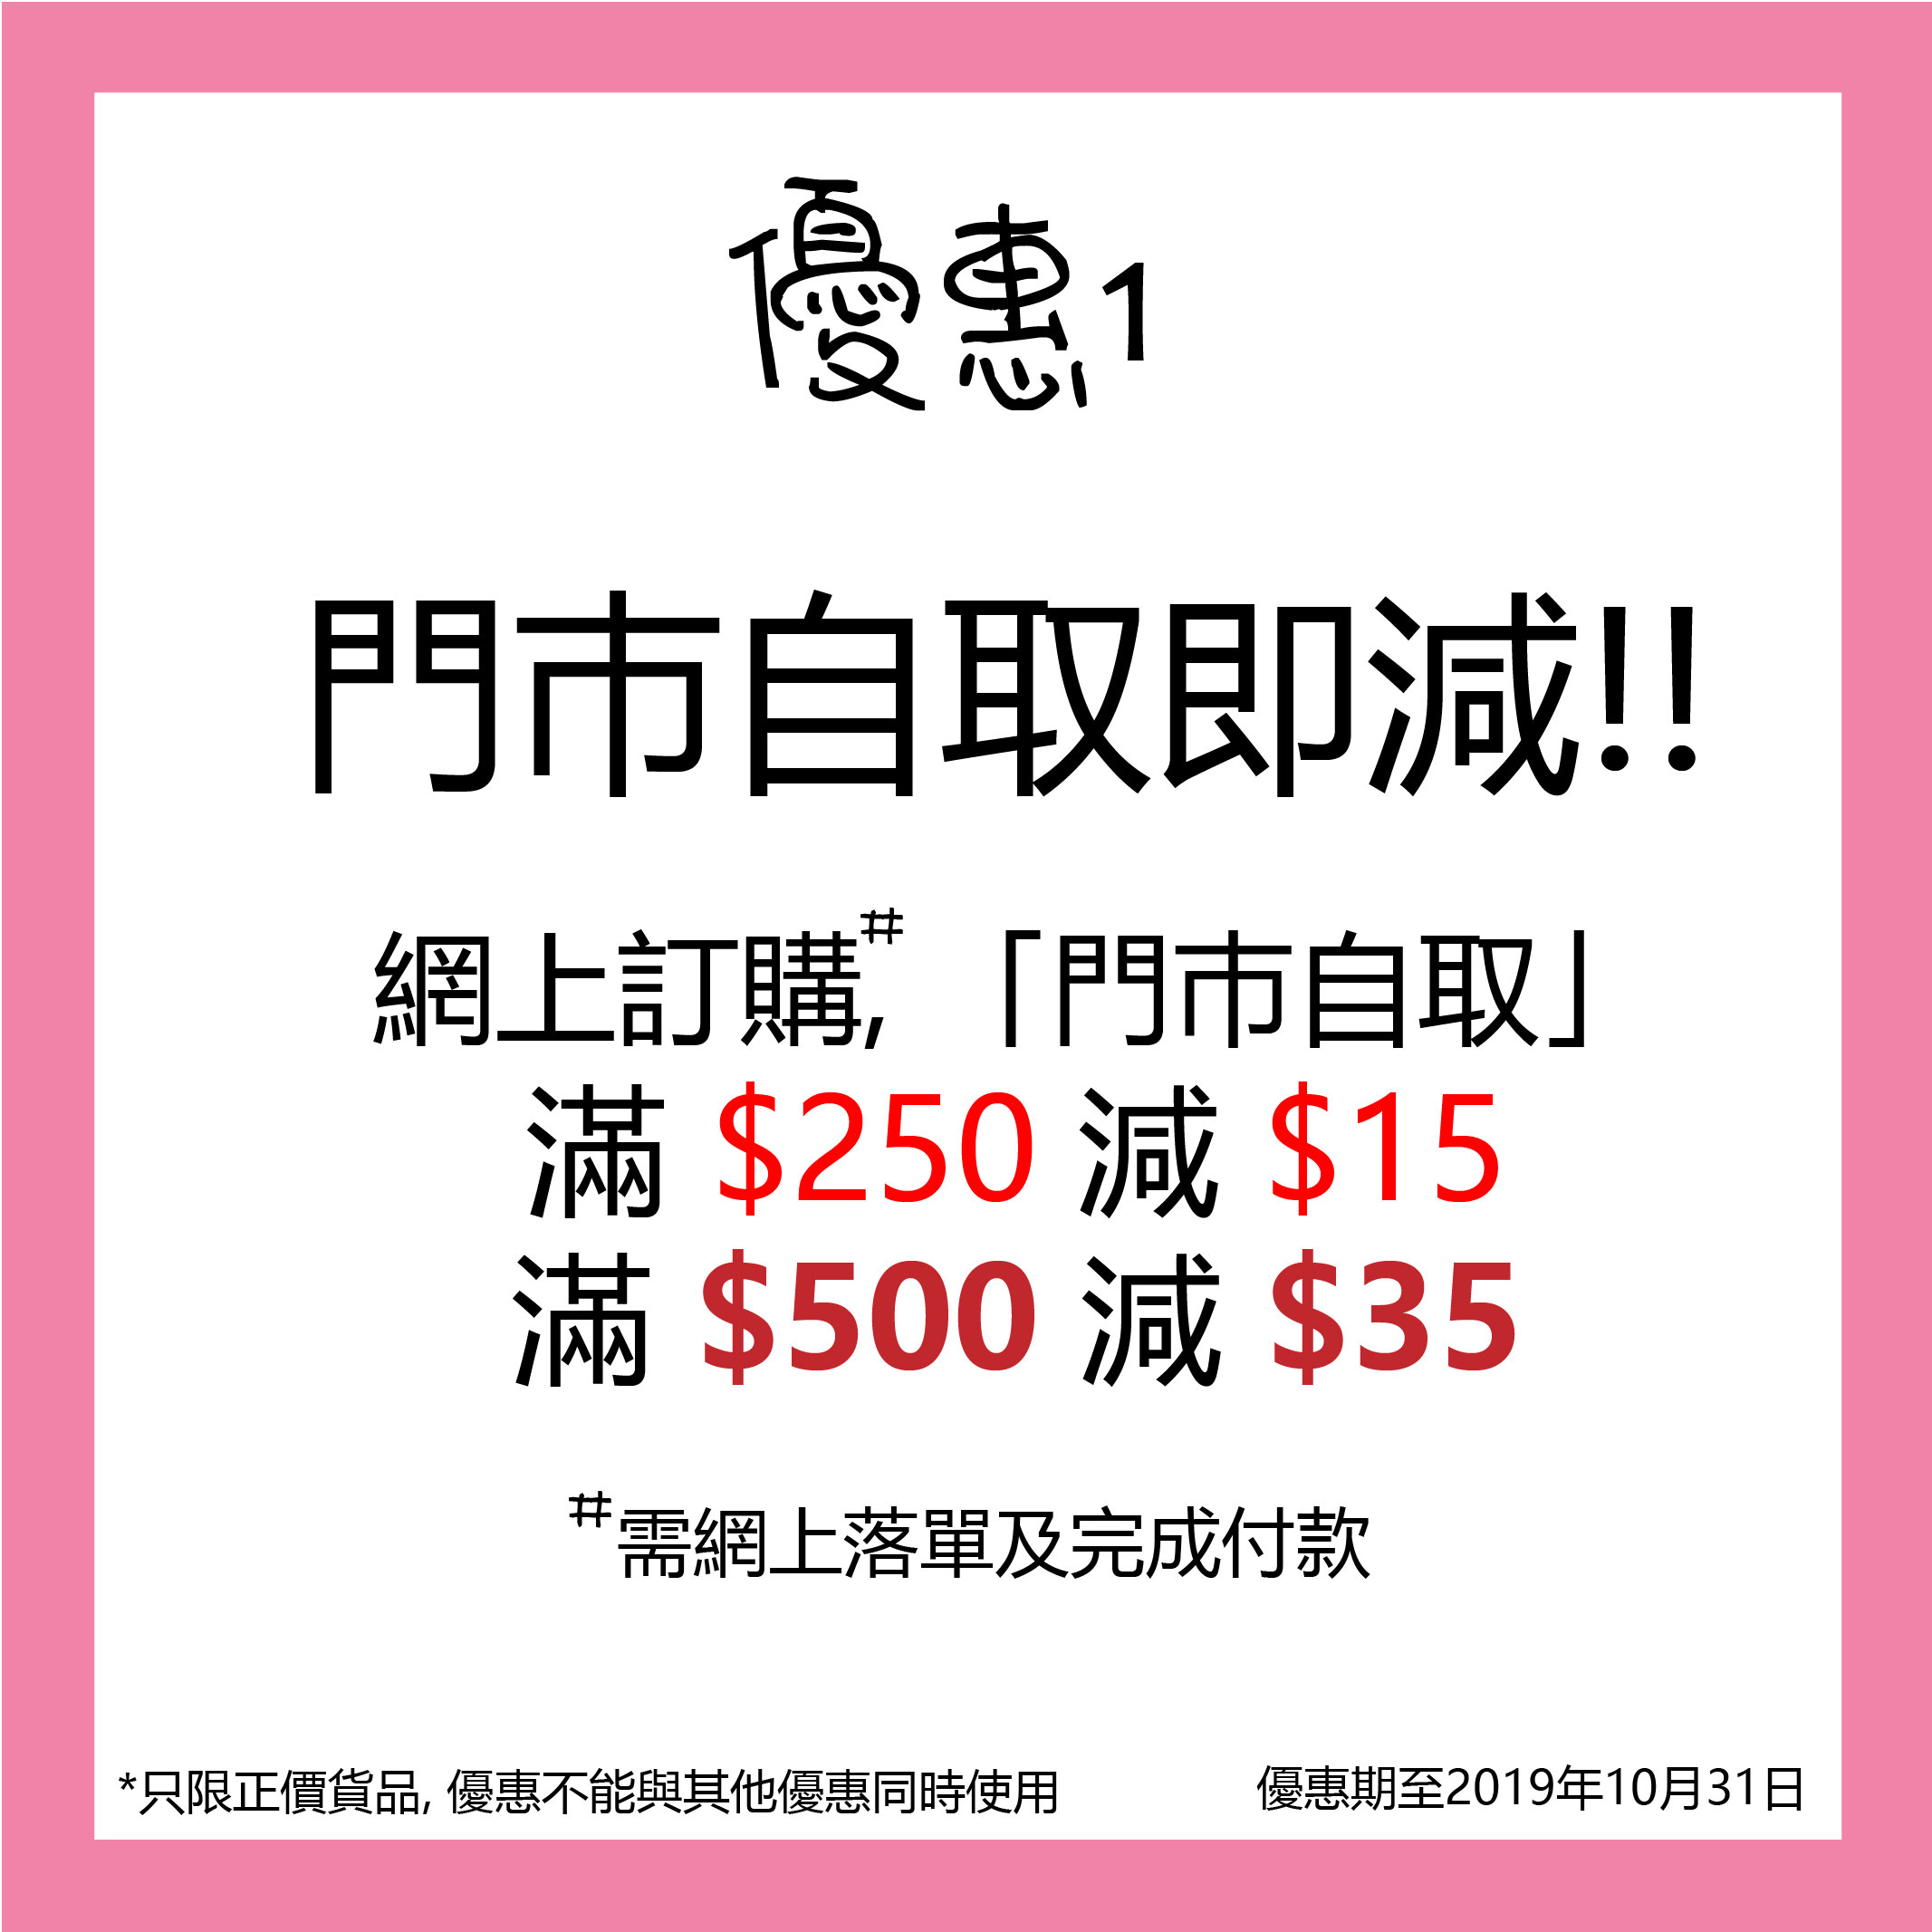 網上訂購 後「門巿自取」 滿 $250 減 $15; 滿 $500 減 $35